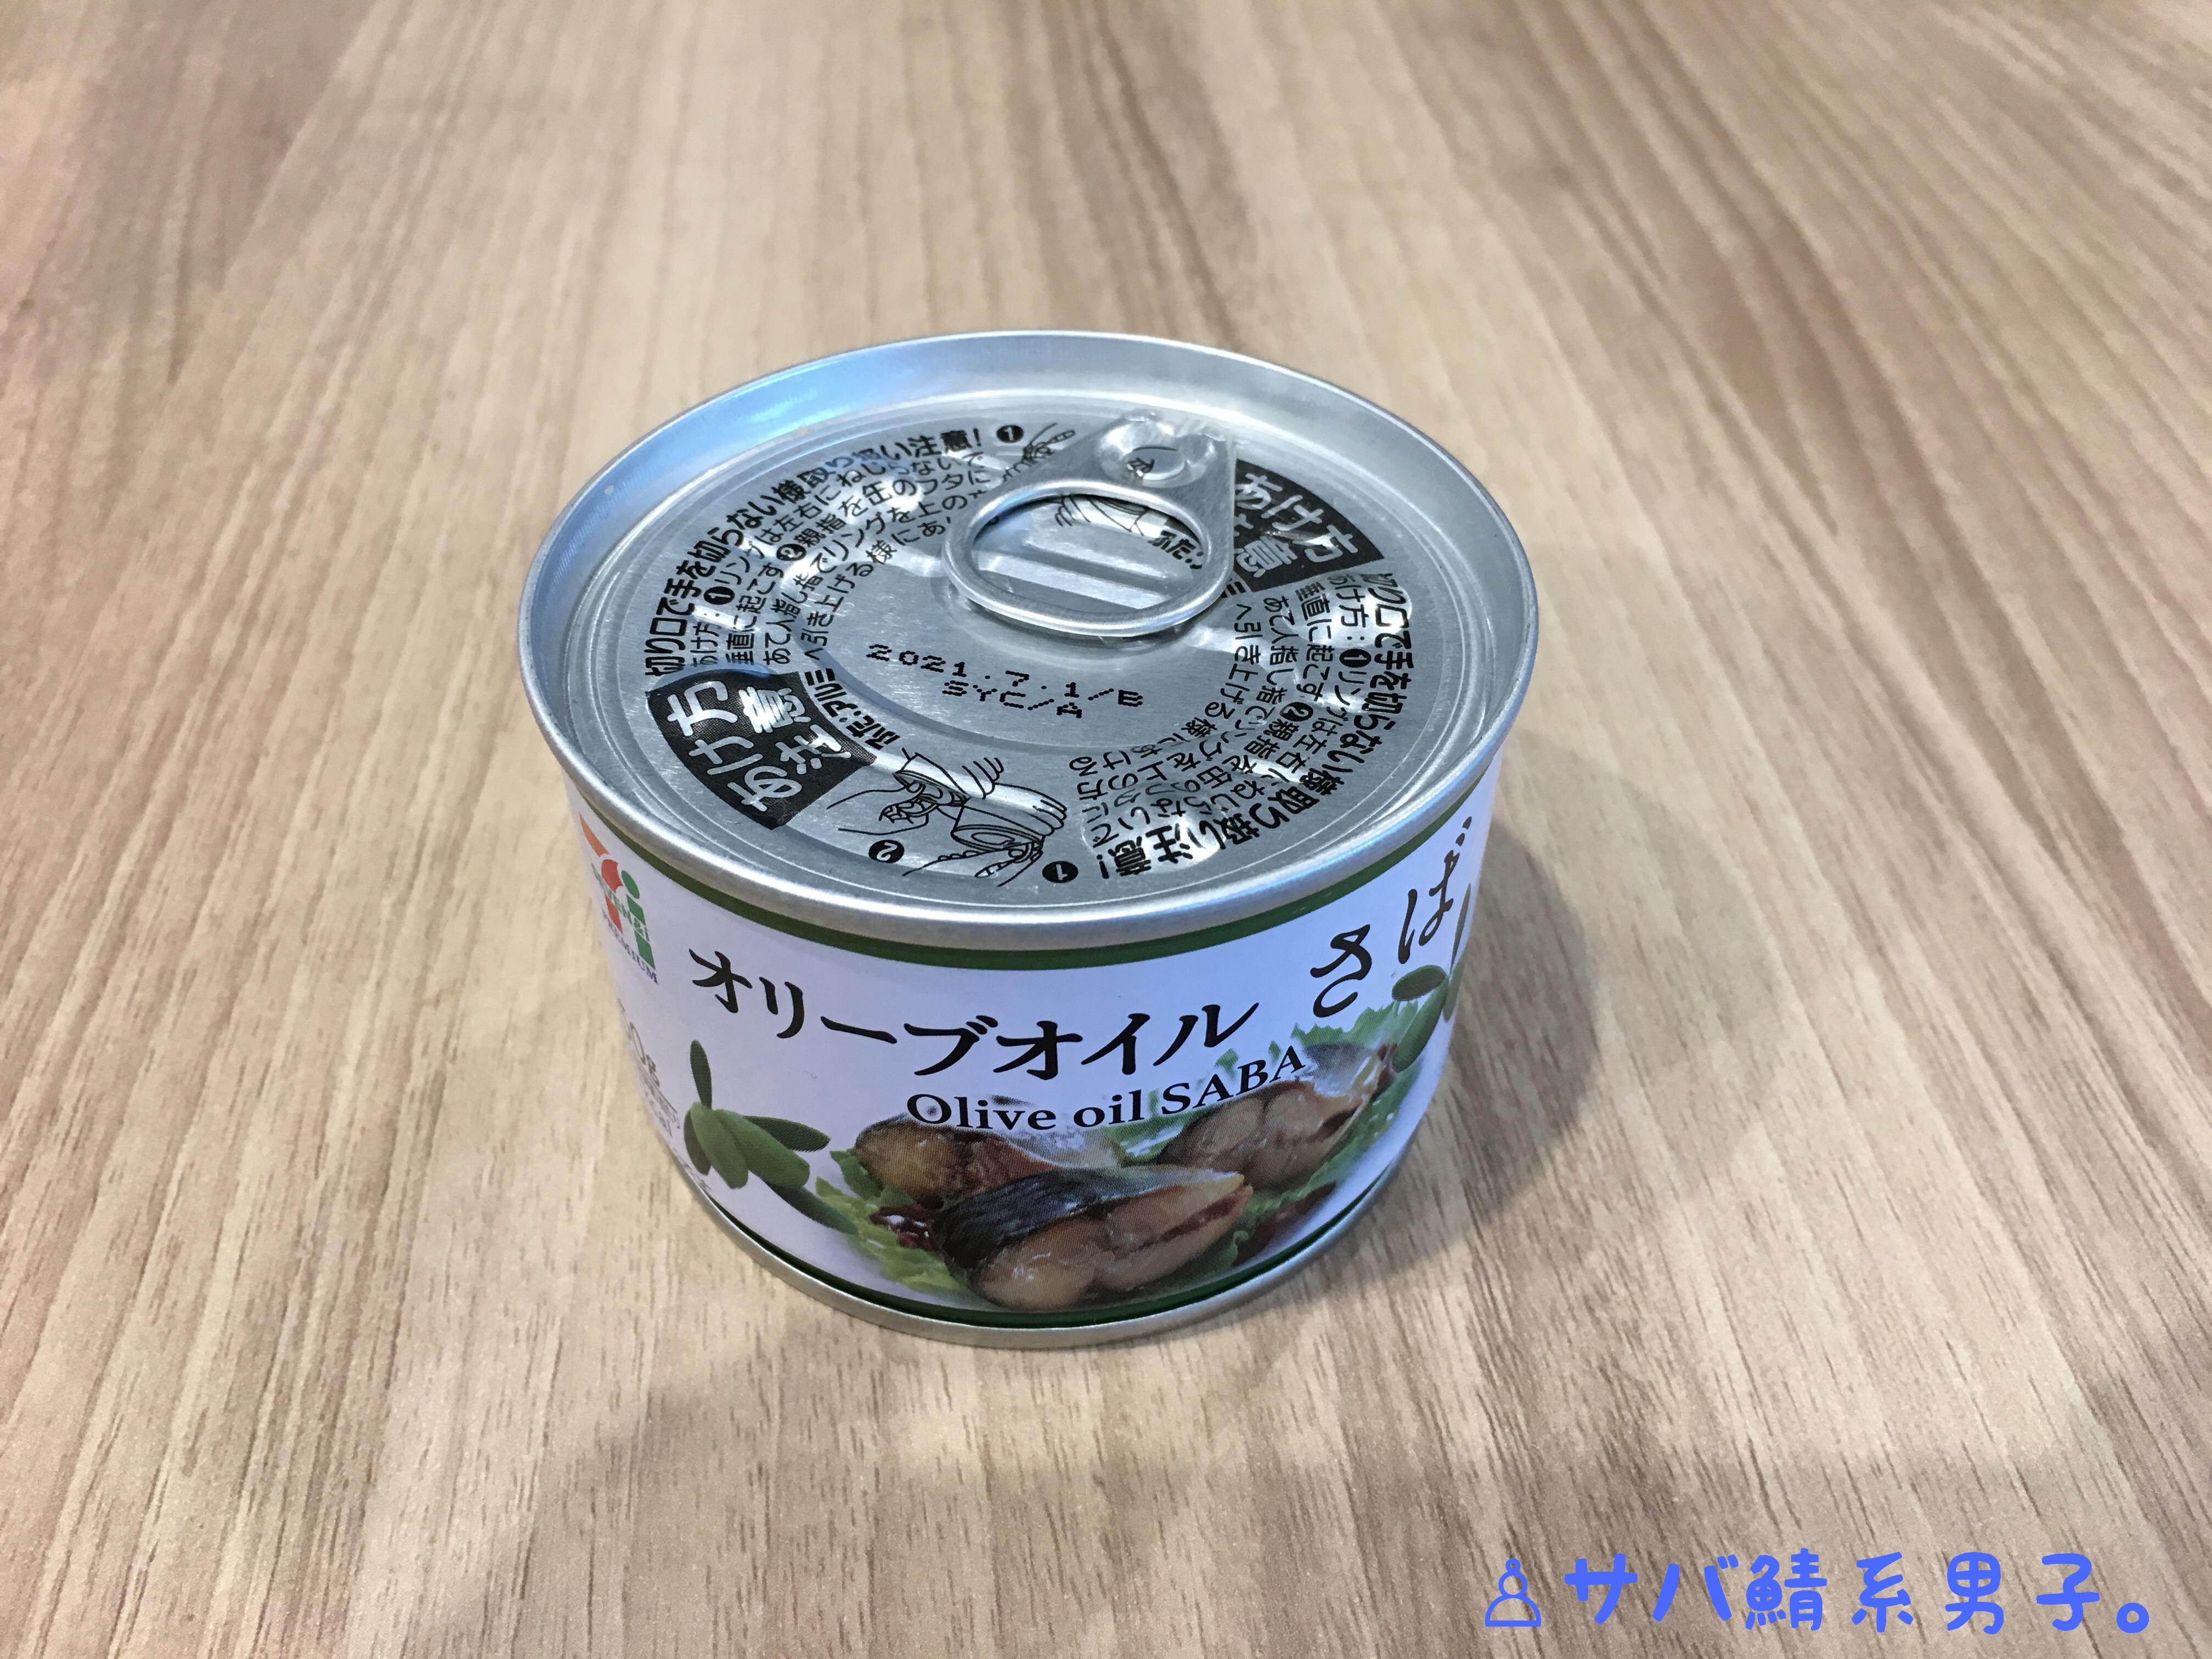 セブンイレブン オリーブオイル 鯖 サバ缶